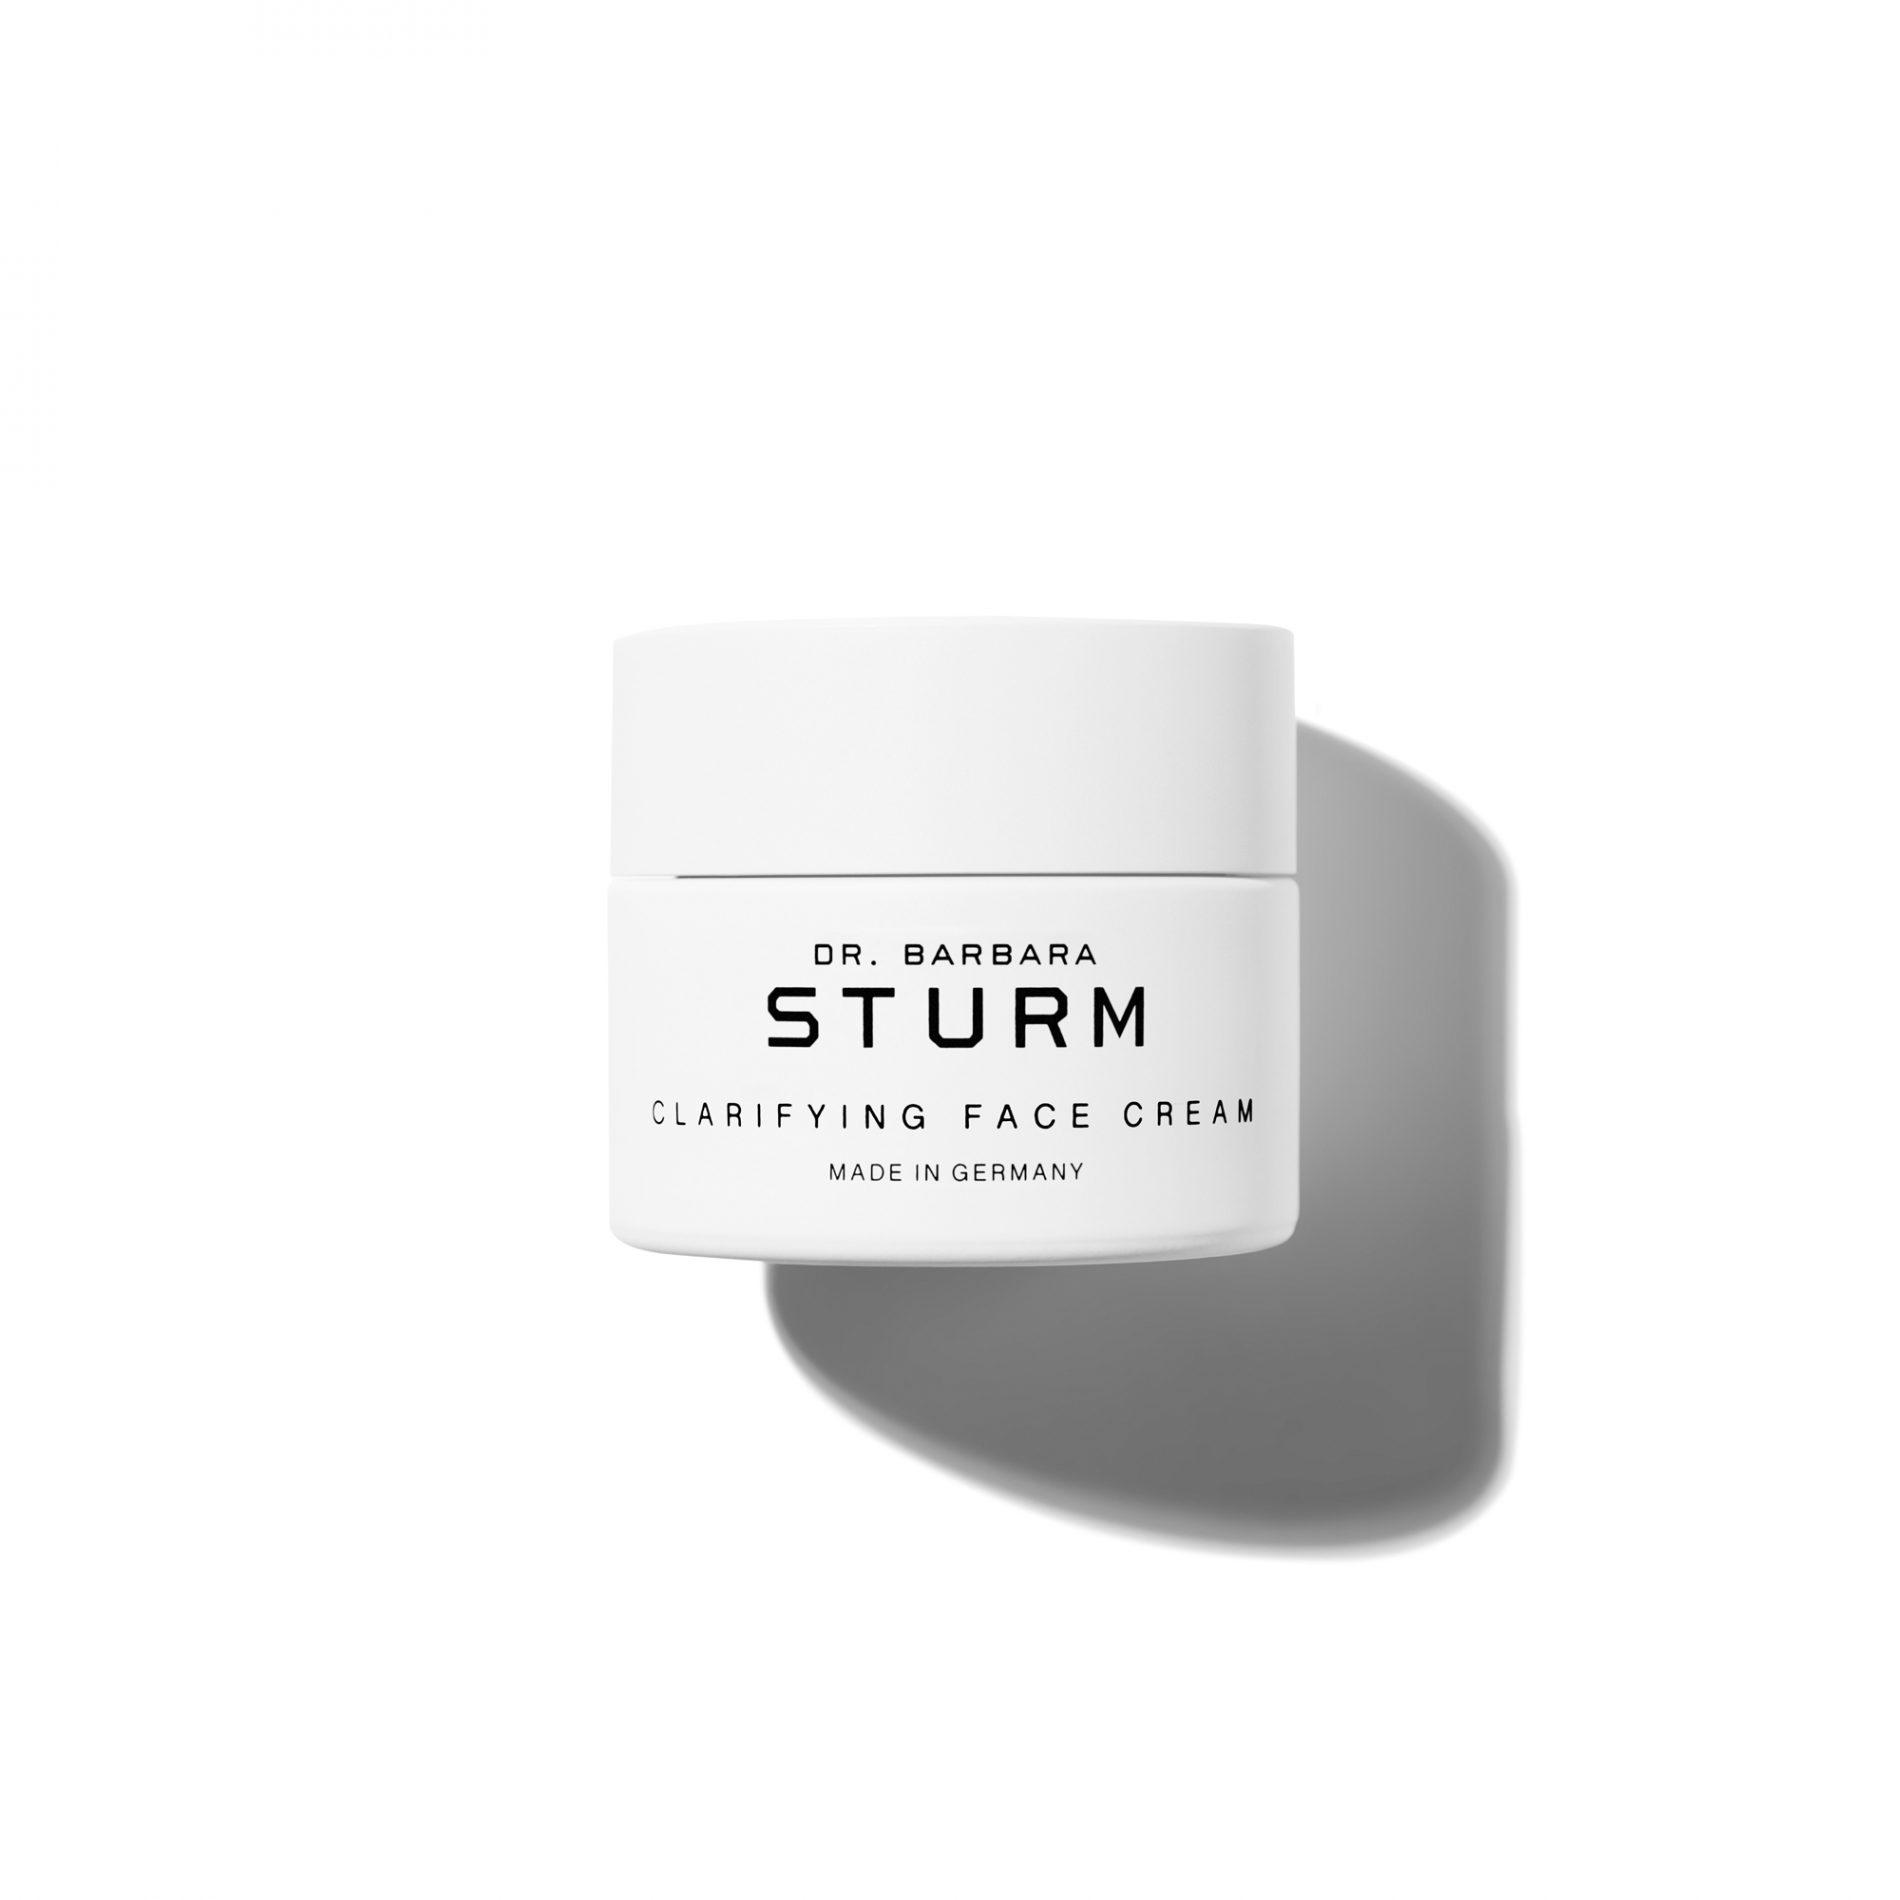 Dr. Barabara Sturm Clarifying Face Cream